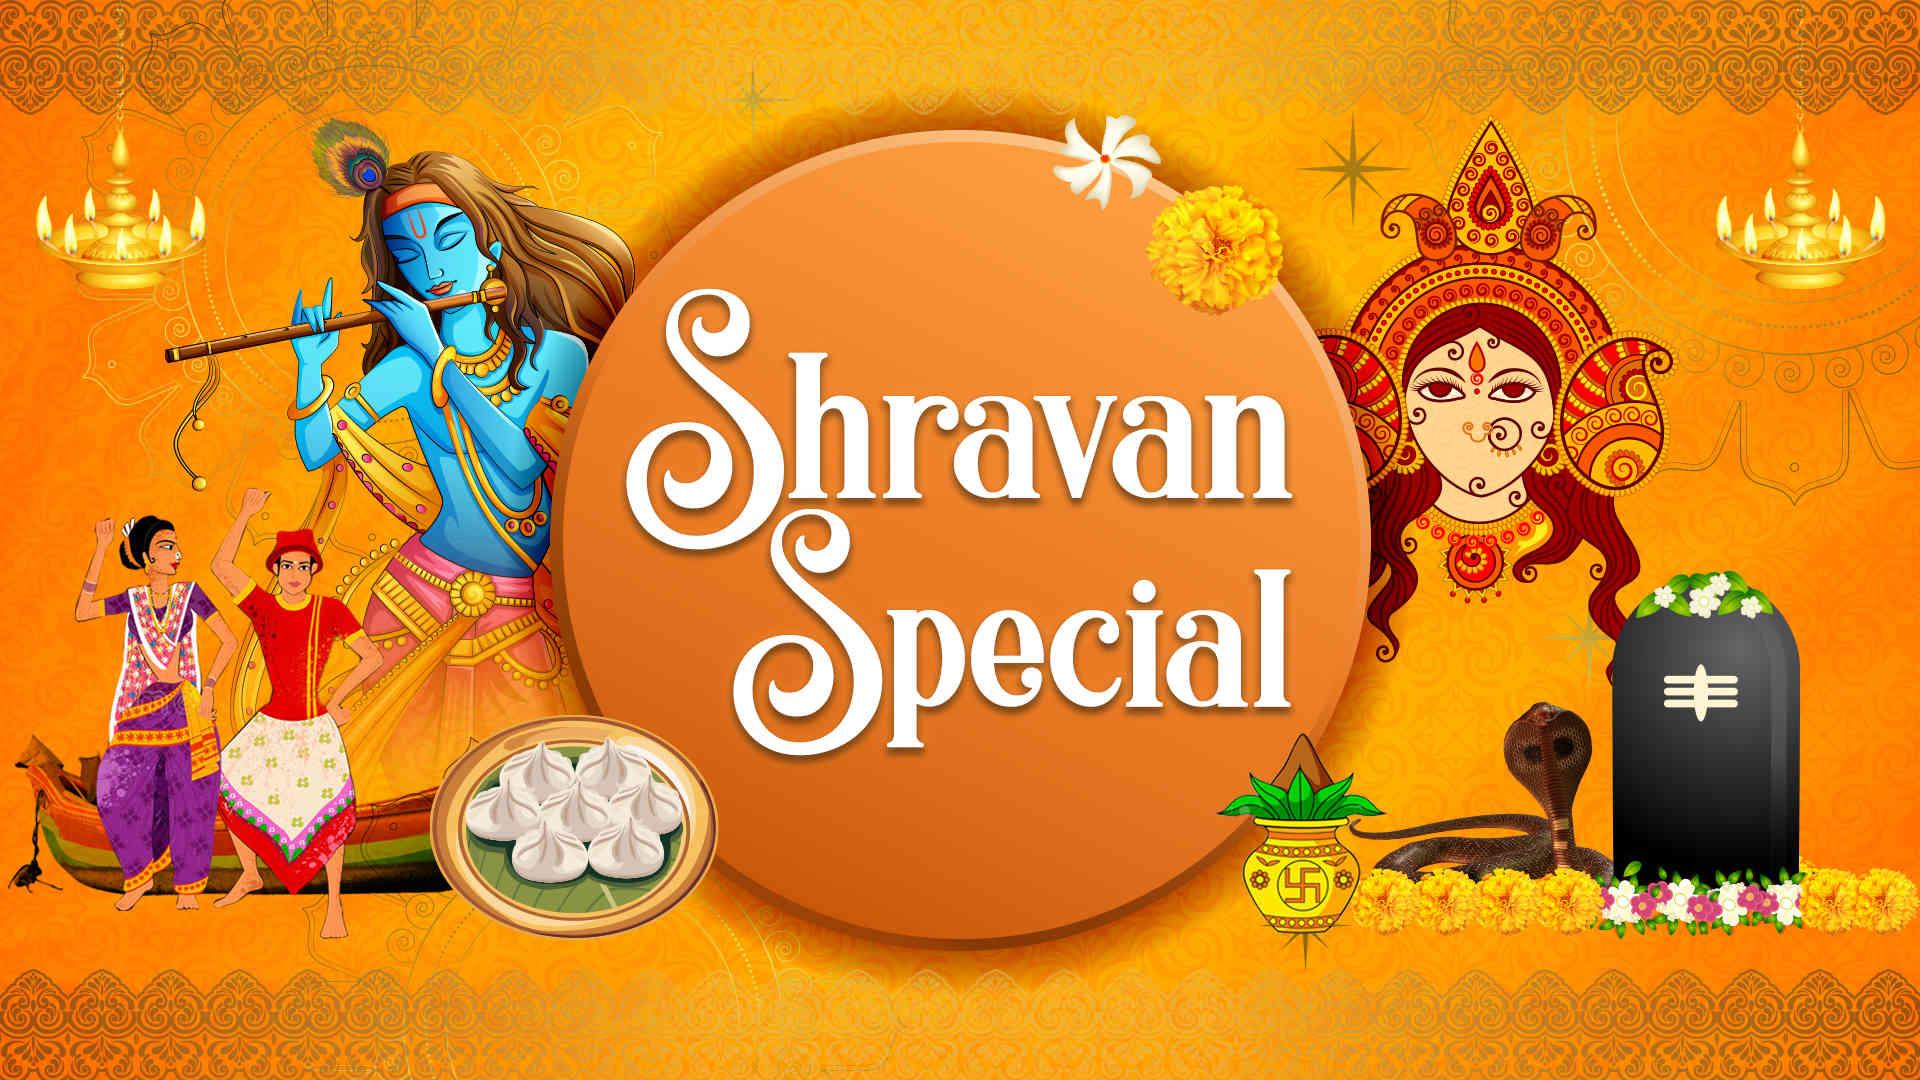 Shravan Special